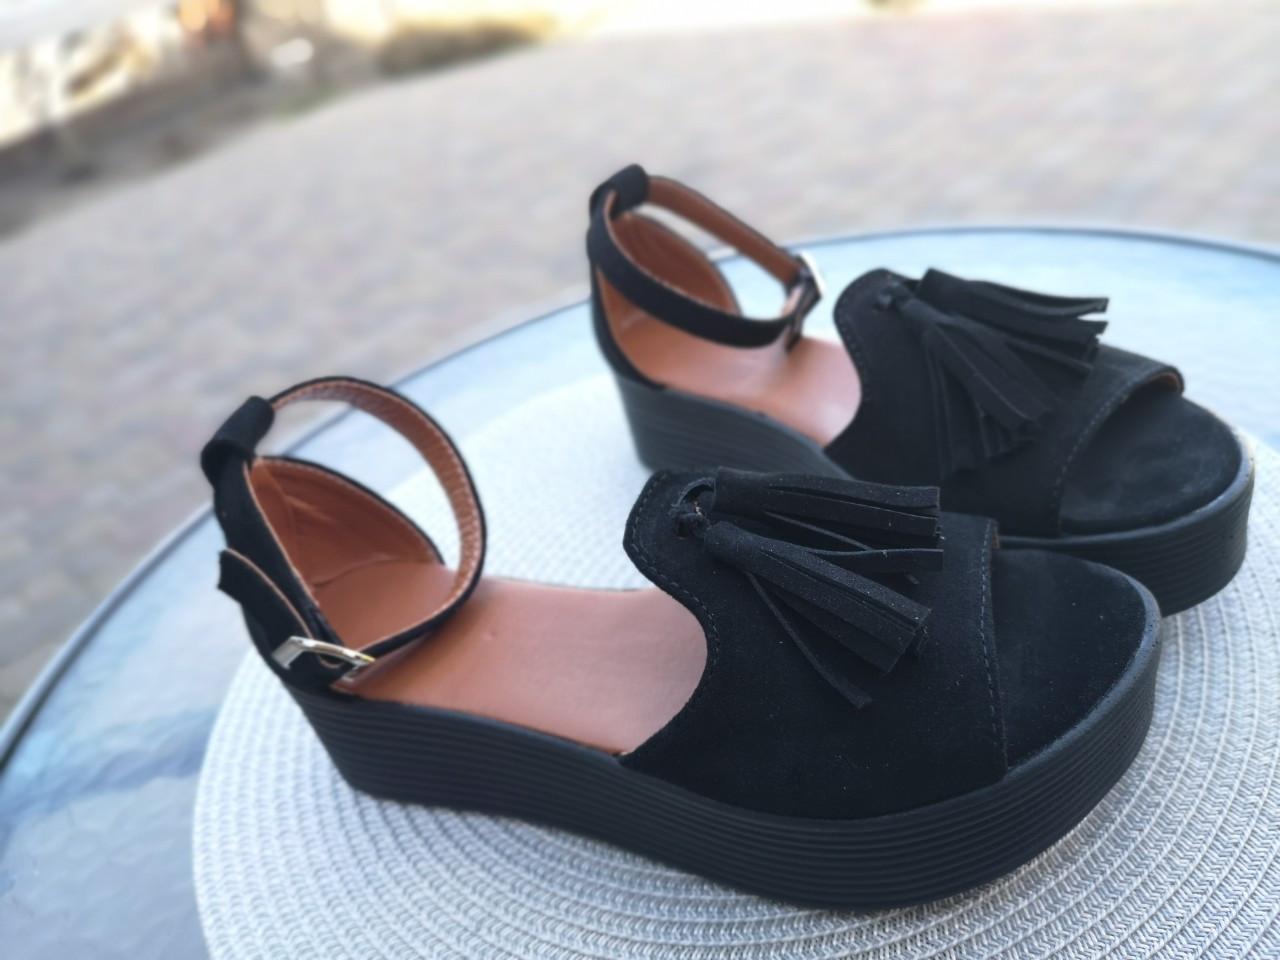 9fab8c436 Черные замшевые босоножки с кисточками-бахромой на черной платформе -  ГЛЯНЕЦ | Интернет-магазин